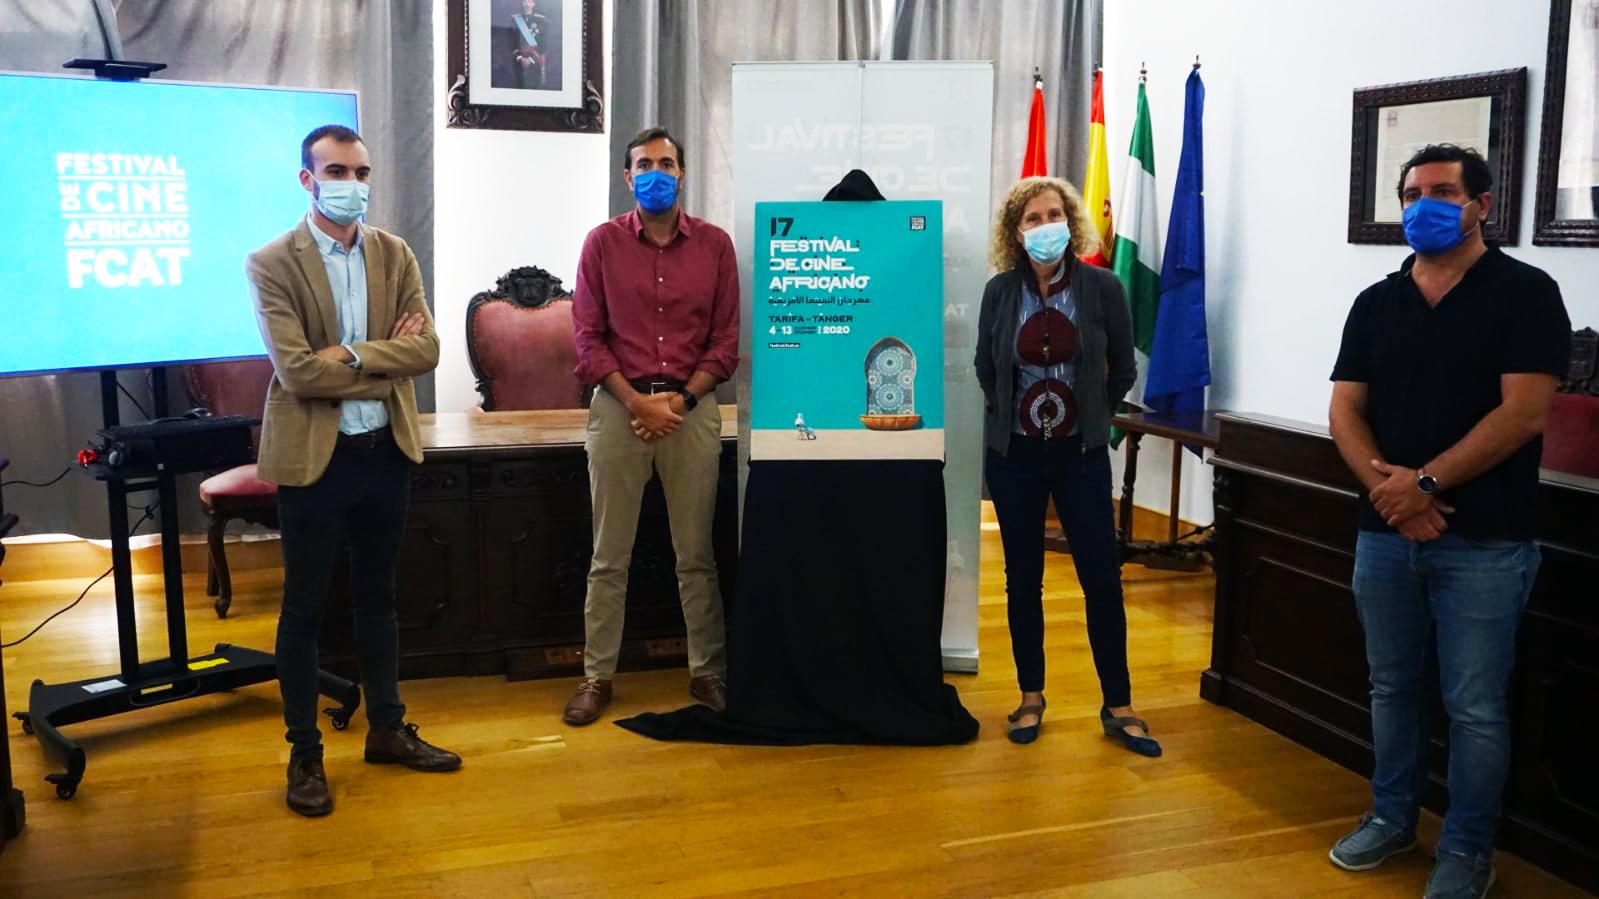 De gauche à droite : Le député de la Culture de la province de Cadix, Daniel Moreno, le maire de Tarifa, Francisco Ruiz, la directrice du FCAT, Mane Cisneros et le conseiller municipal Francisco Terán. Photo : P. Tetuán/FCAT.